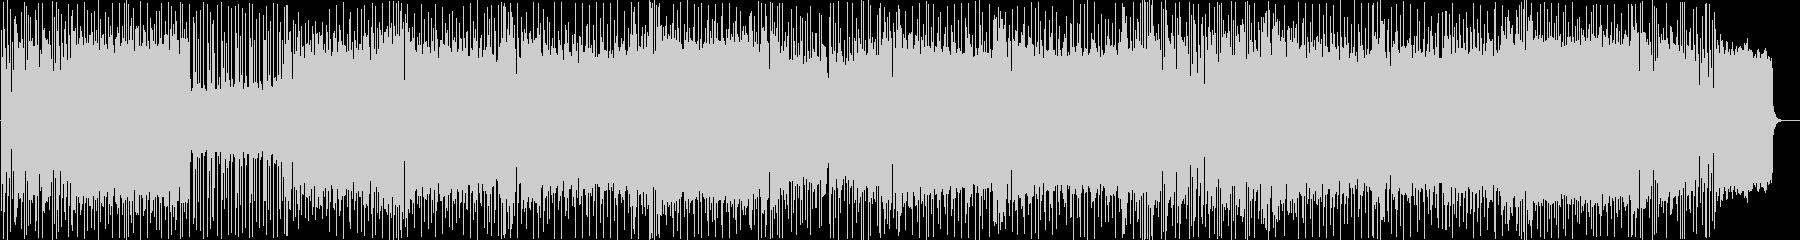 シンセリードが印象的な速いメタルBGMの未再生の波形